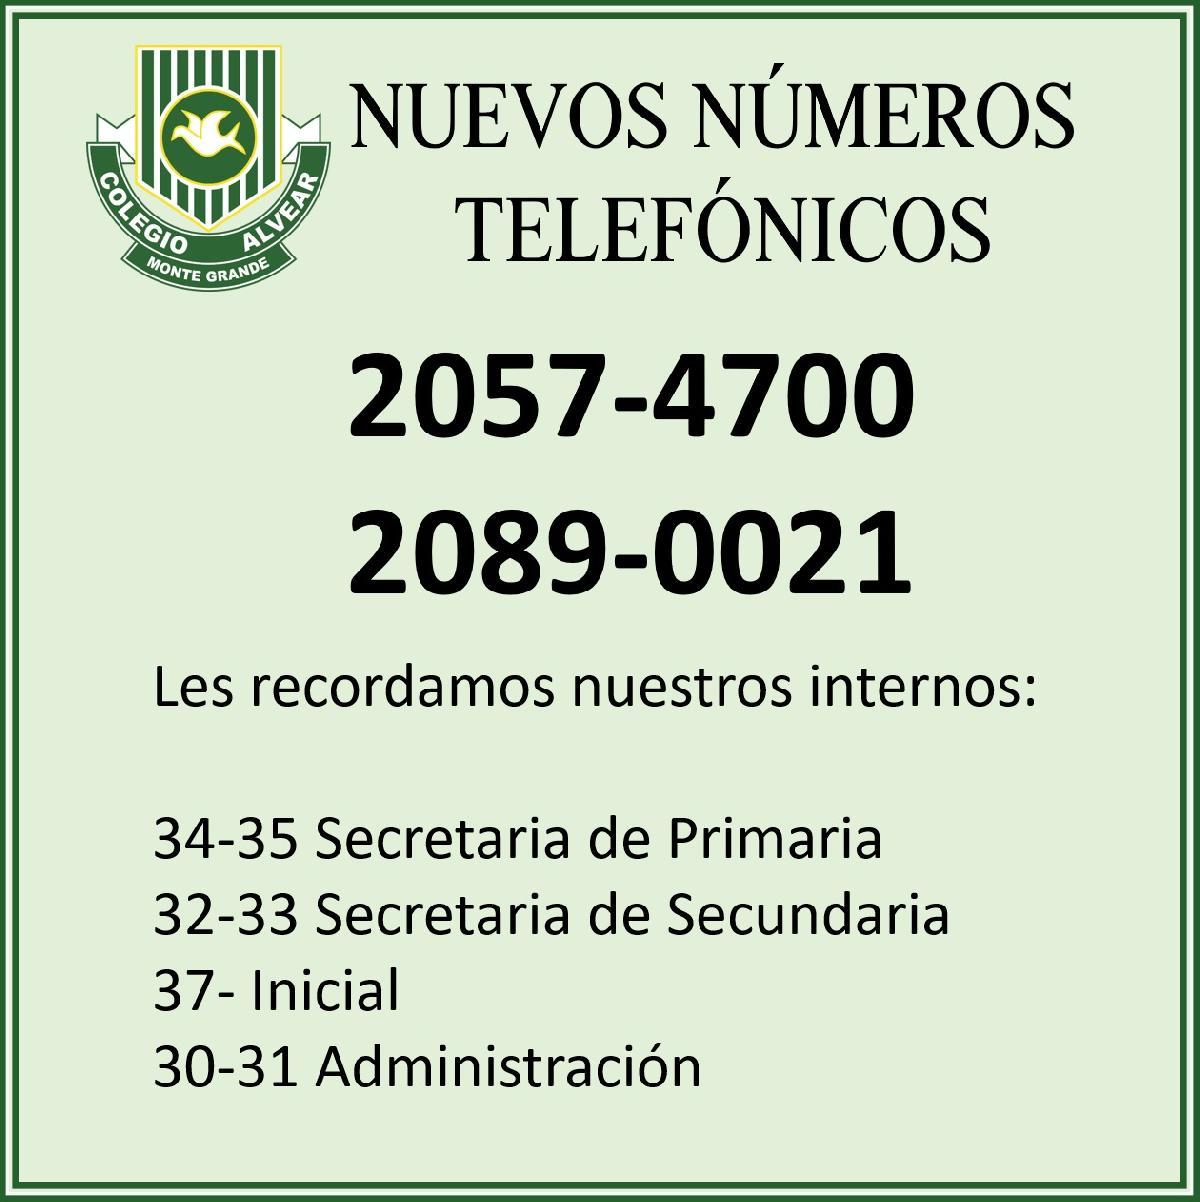 NUEVOS NUMEROS TELEFONICOS